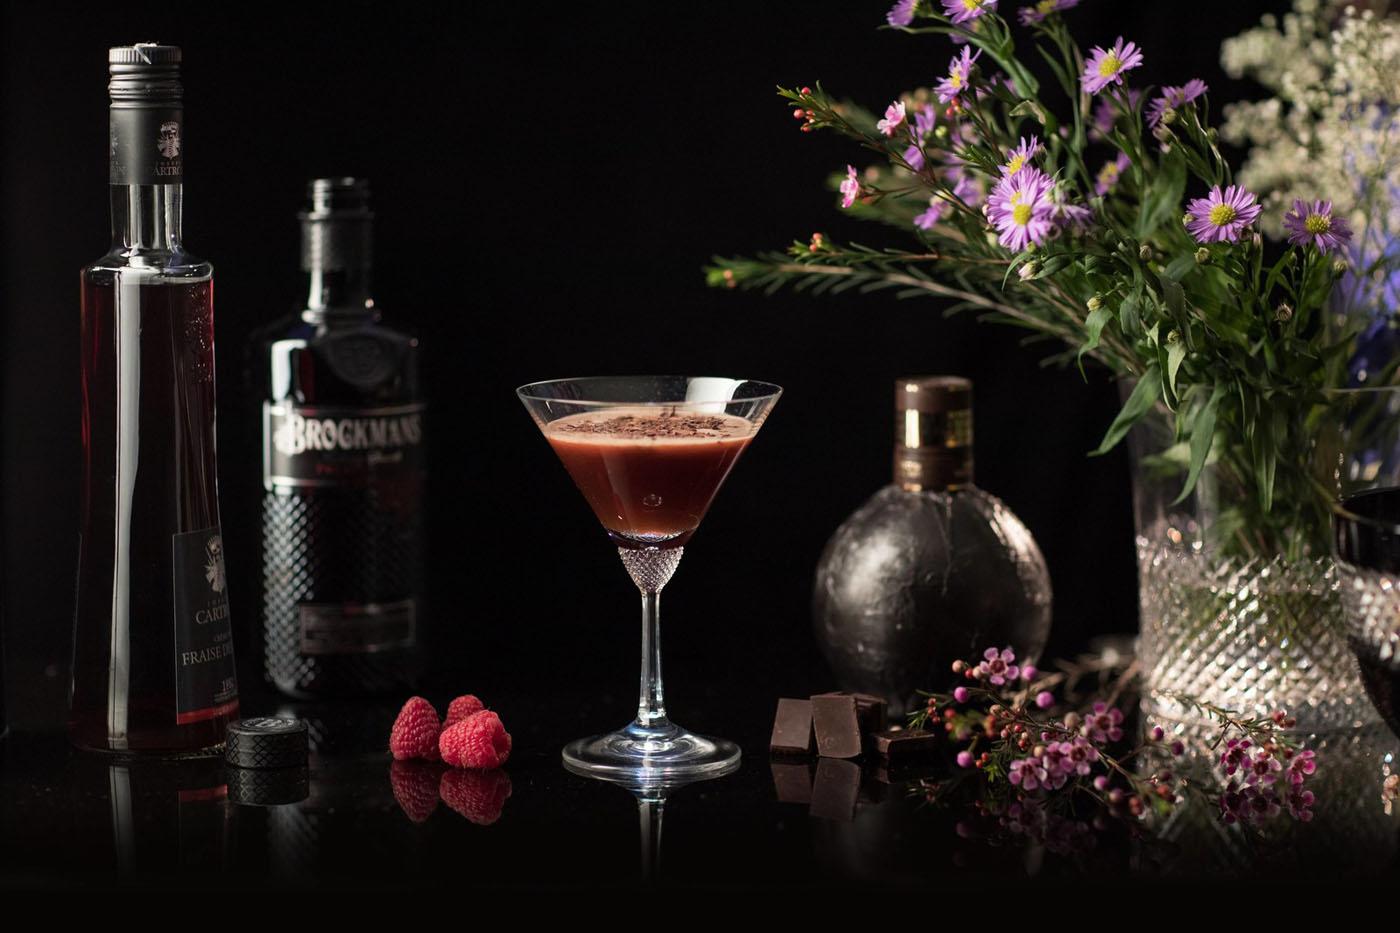 cocktails zwei fr hlingshafte drinks mit brockmans gin spirituosen. Black Bedroom Furniture Sets. Home Design Ideas